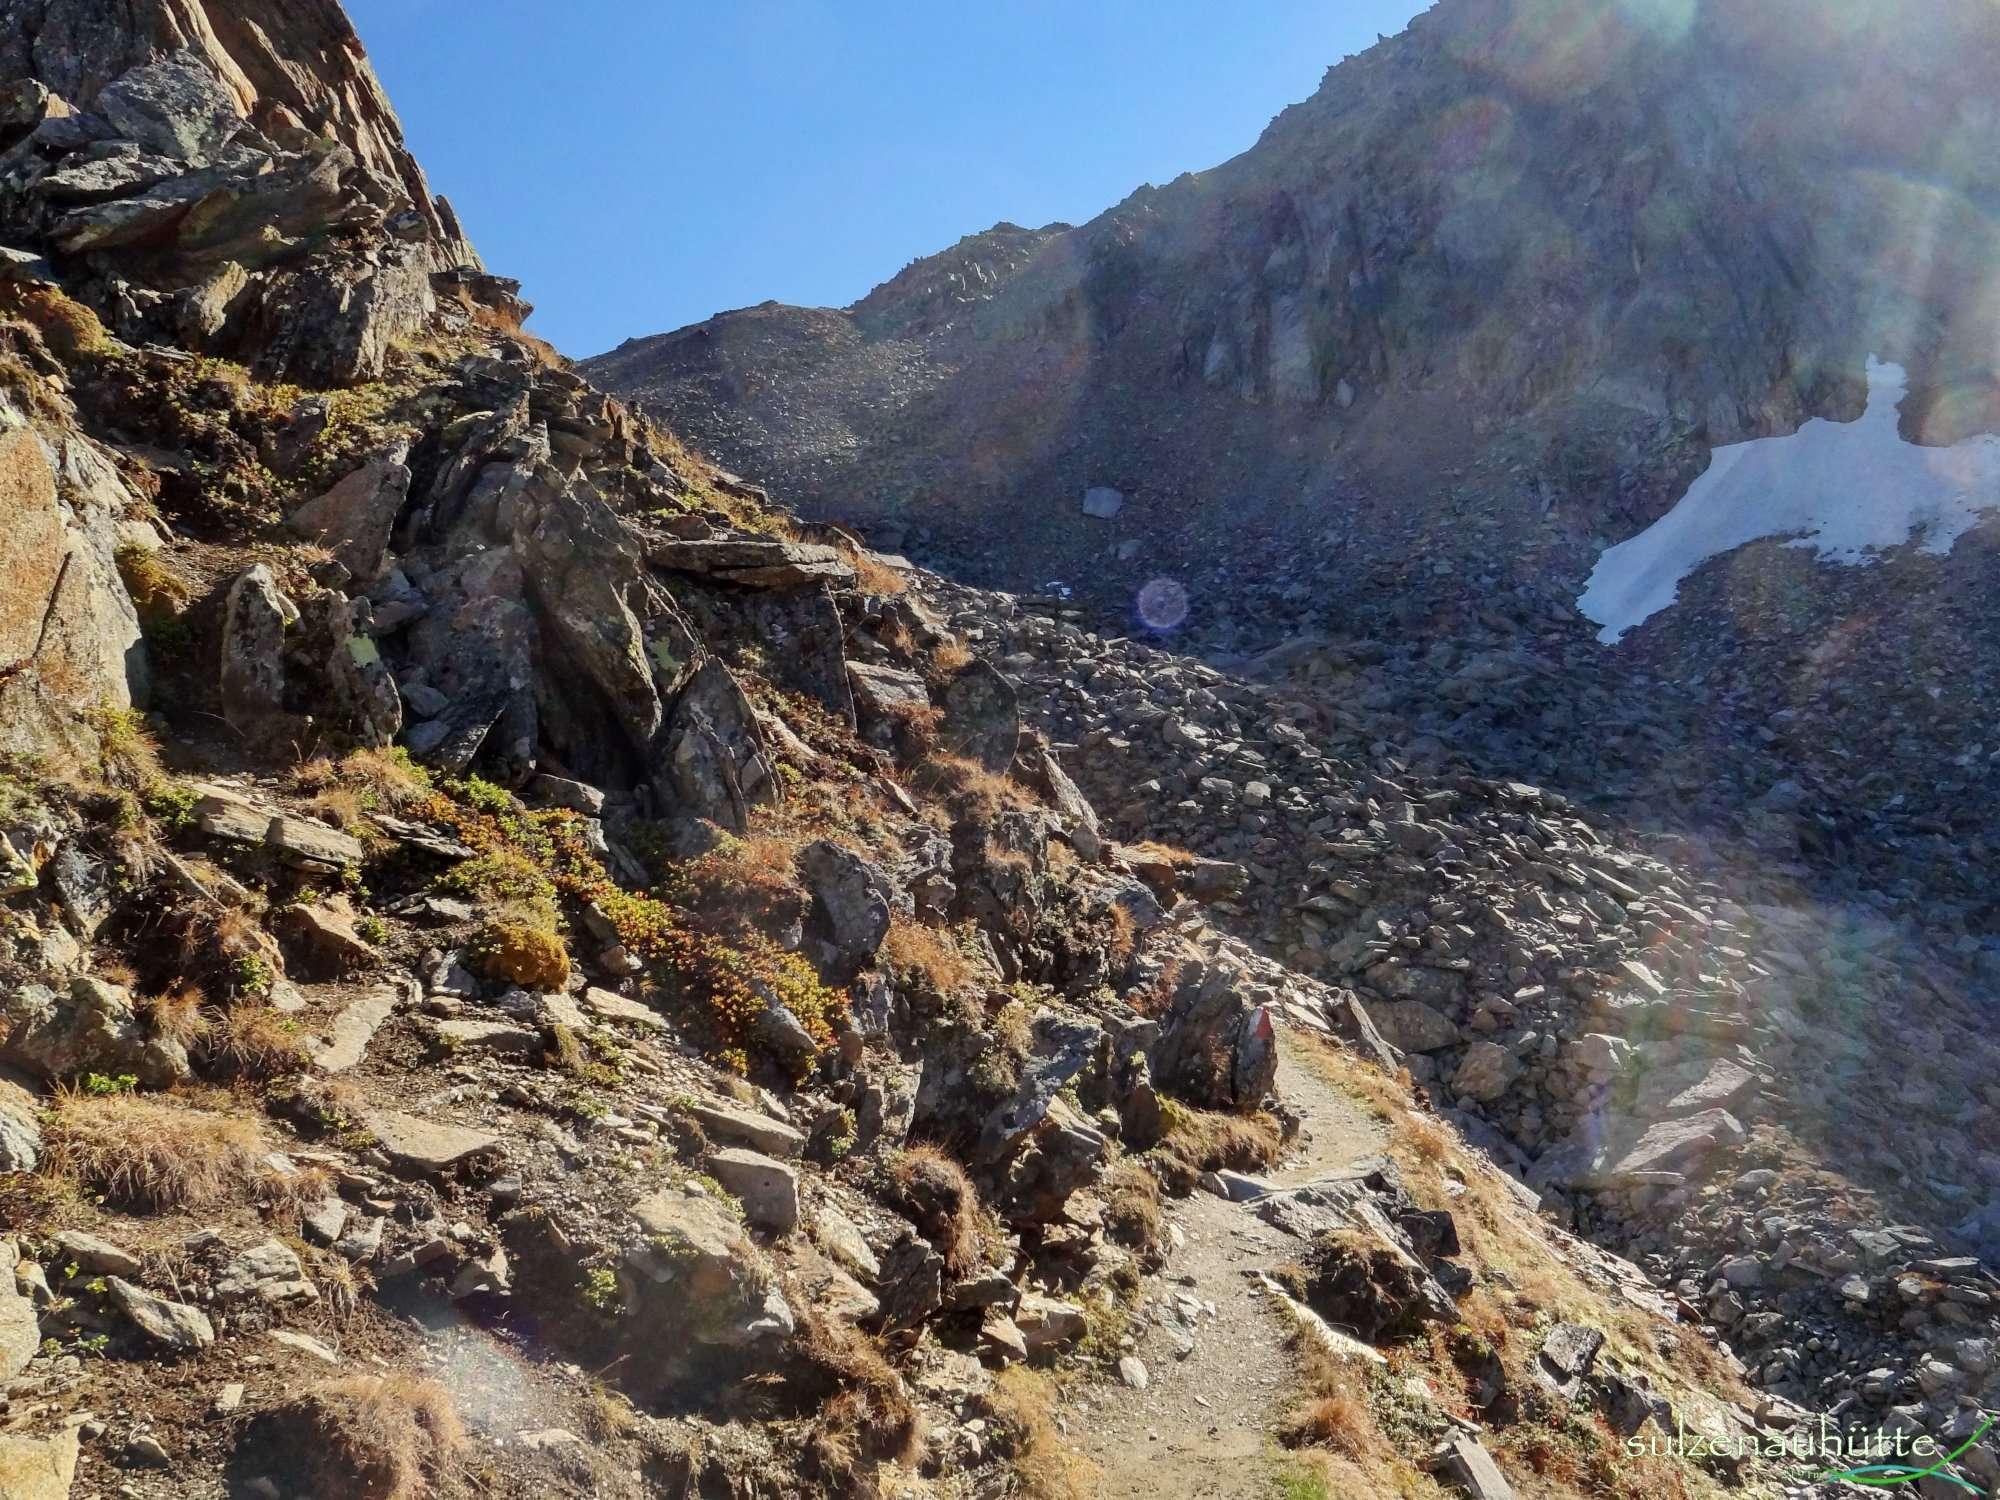 Peiljoch Impressionen vom Weg - Stubaier Höhenweg